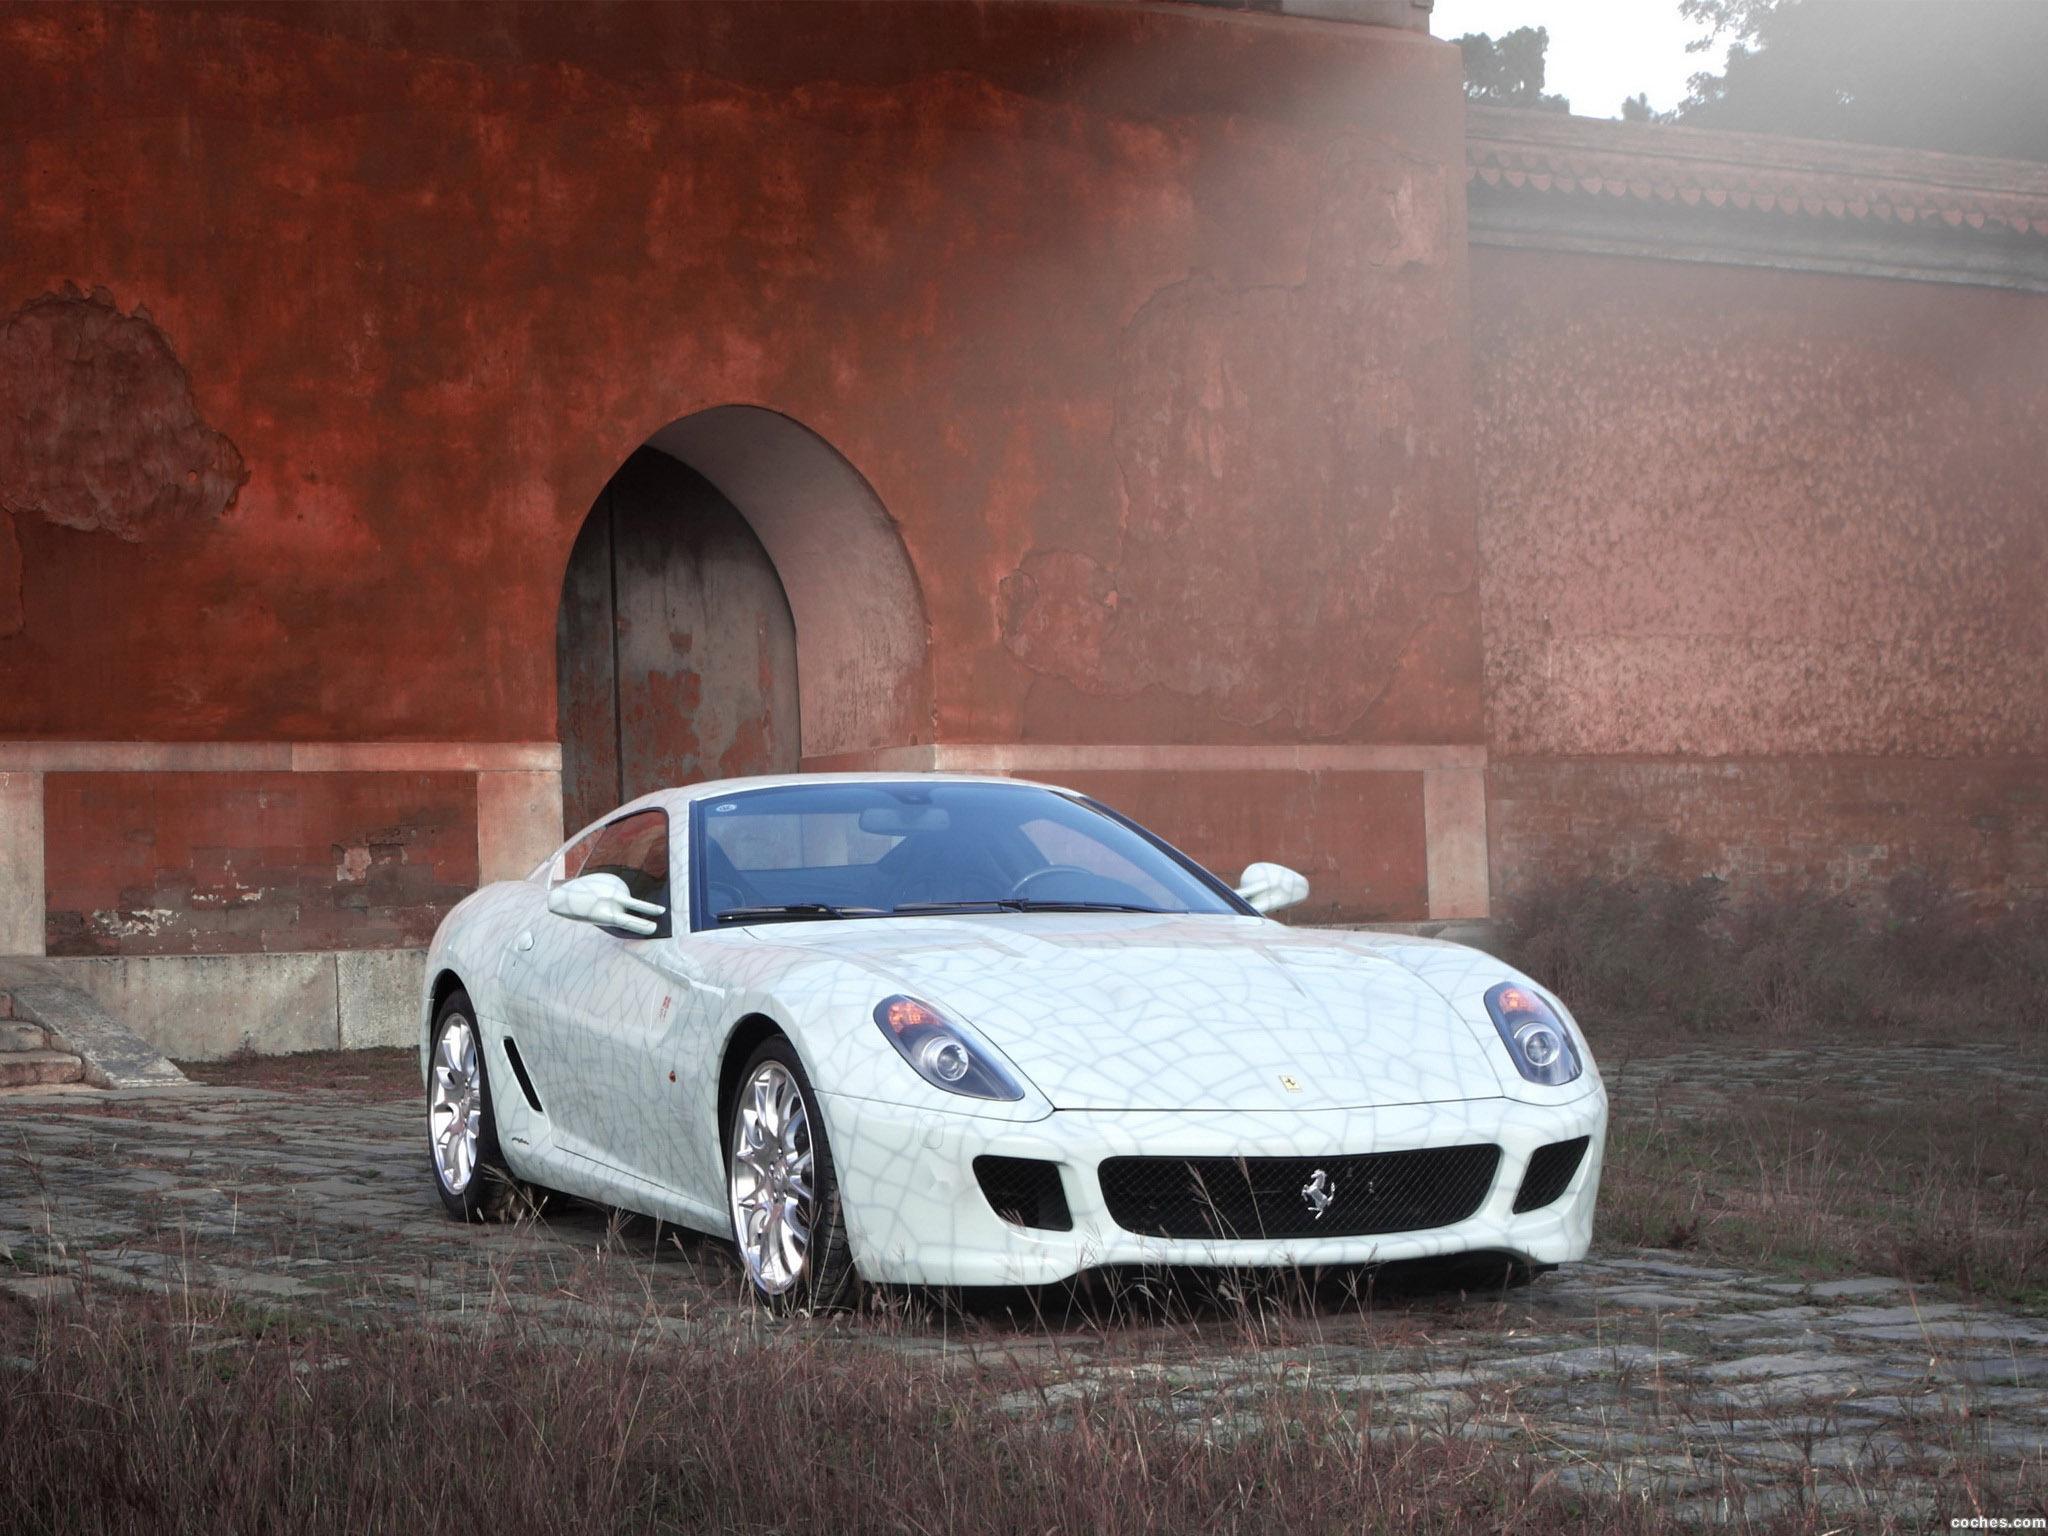 Foto 0 de Ferrari 599 GTB Fiorano China Limited Edition 2009